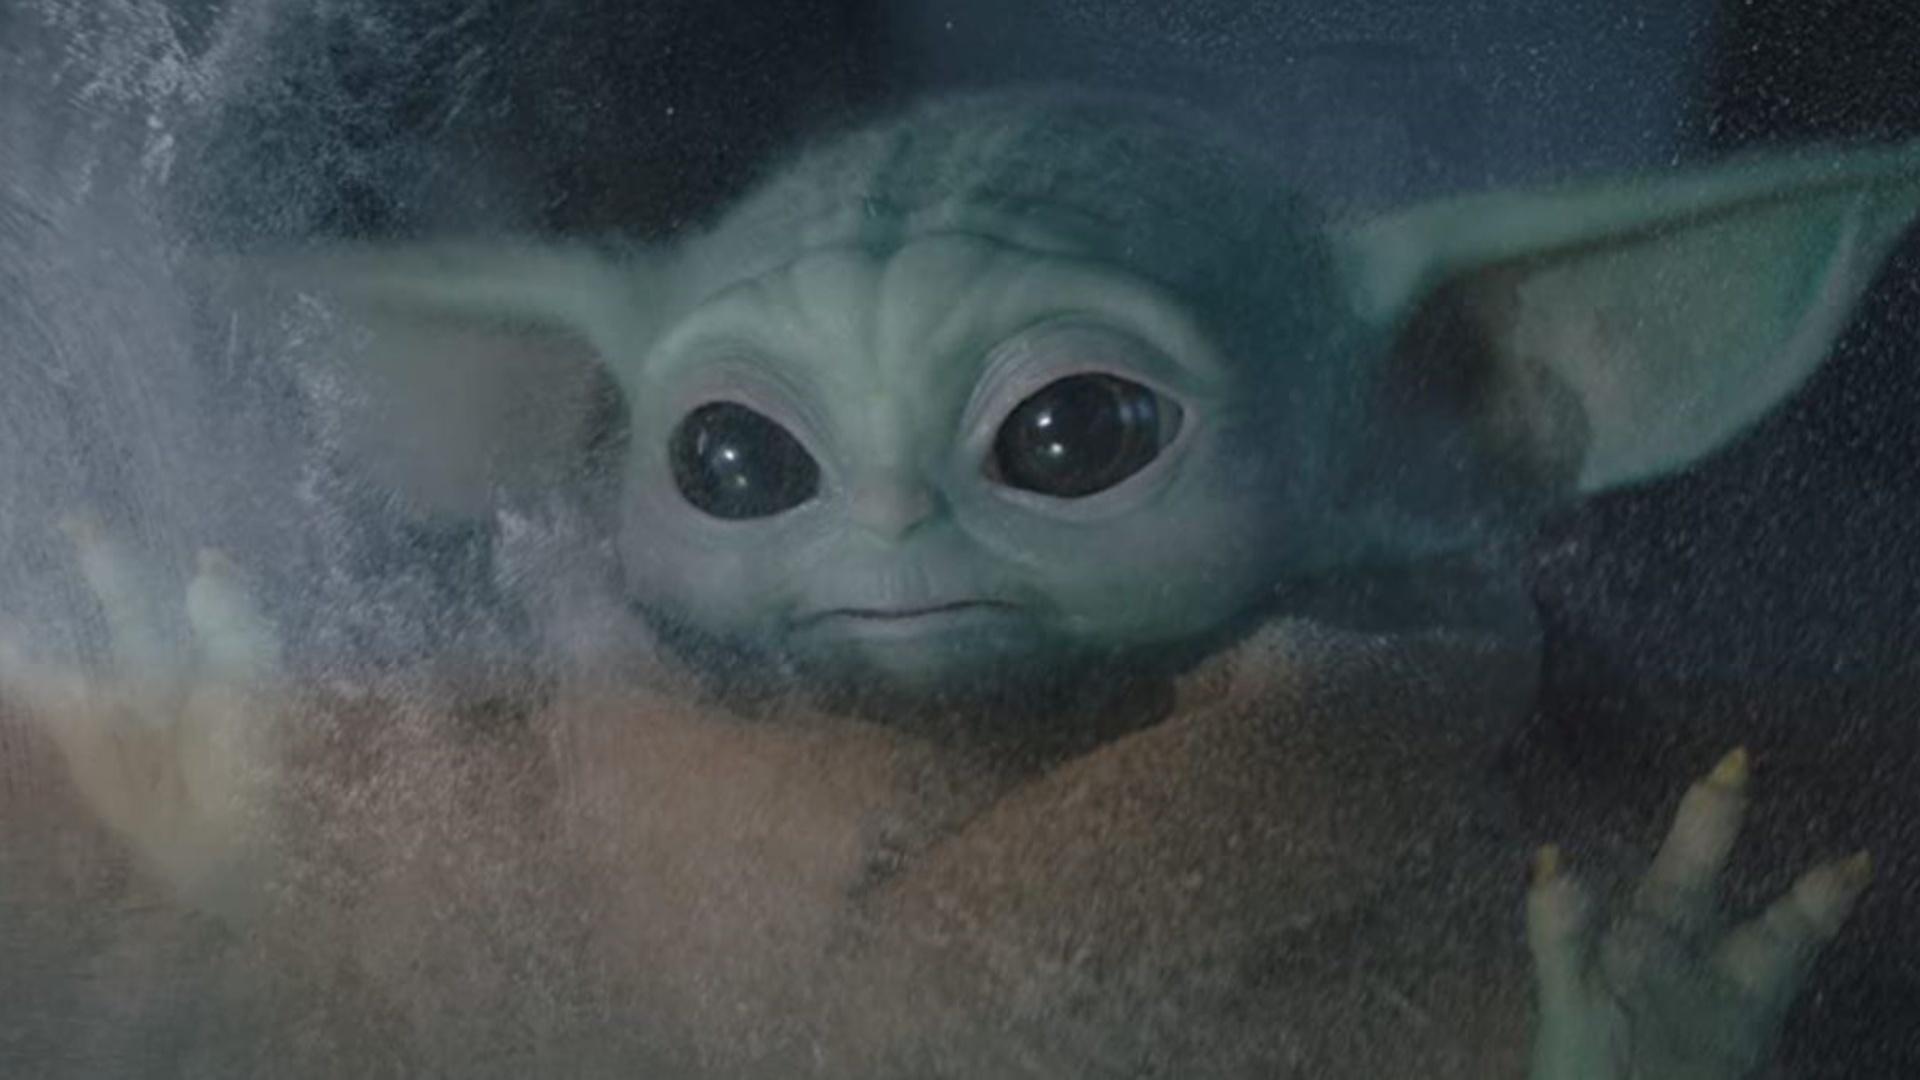 """<ul class=""""list""""> <li><a href=""""https://www.expansion.com/cine-y-series/series/2020/04/09/5e8ee484e5fdea7d0b8b4617.html"""" target=""""_blank"""">'The Mandalorian': Star Wars en estado puro</a></li> </ul> Como la propia Geca explica en su informa, 'The Mandalorian' sigue imabtible en Disney+ aunque estos últimos meses se han estrenado otras producciones potentes como 'Loki'. </br> La producción dentro del universo Star Wars de la mano de John Favreau, finalizó su segunda temporada el pasado diciembre pero eso no ha impedido que siga siendo lo más visto en la plataforma. </br> 'The mandalorian', está compuesta hasta el momento por 16 capítulos divididos en dos temporadas y que siguen los pasos de un cazarrecompensas que debe hacerse cargo del adorable """"baby Yoda""""."""